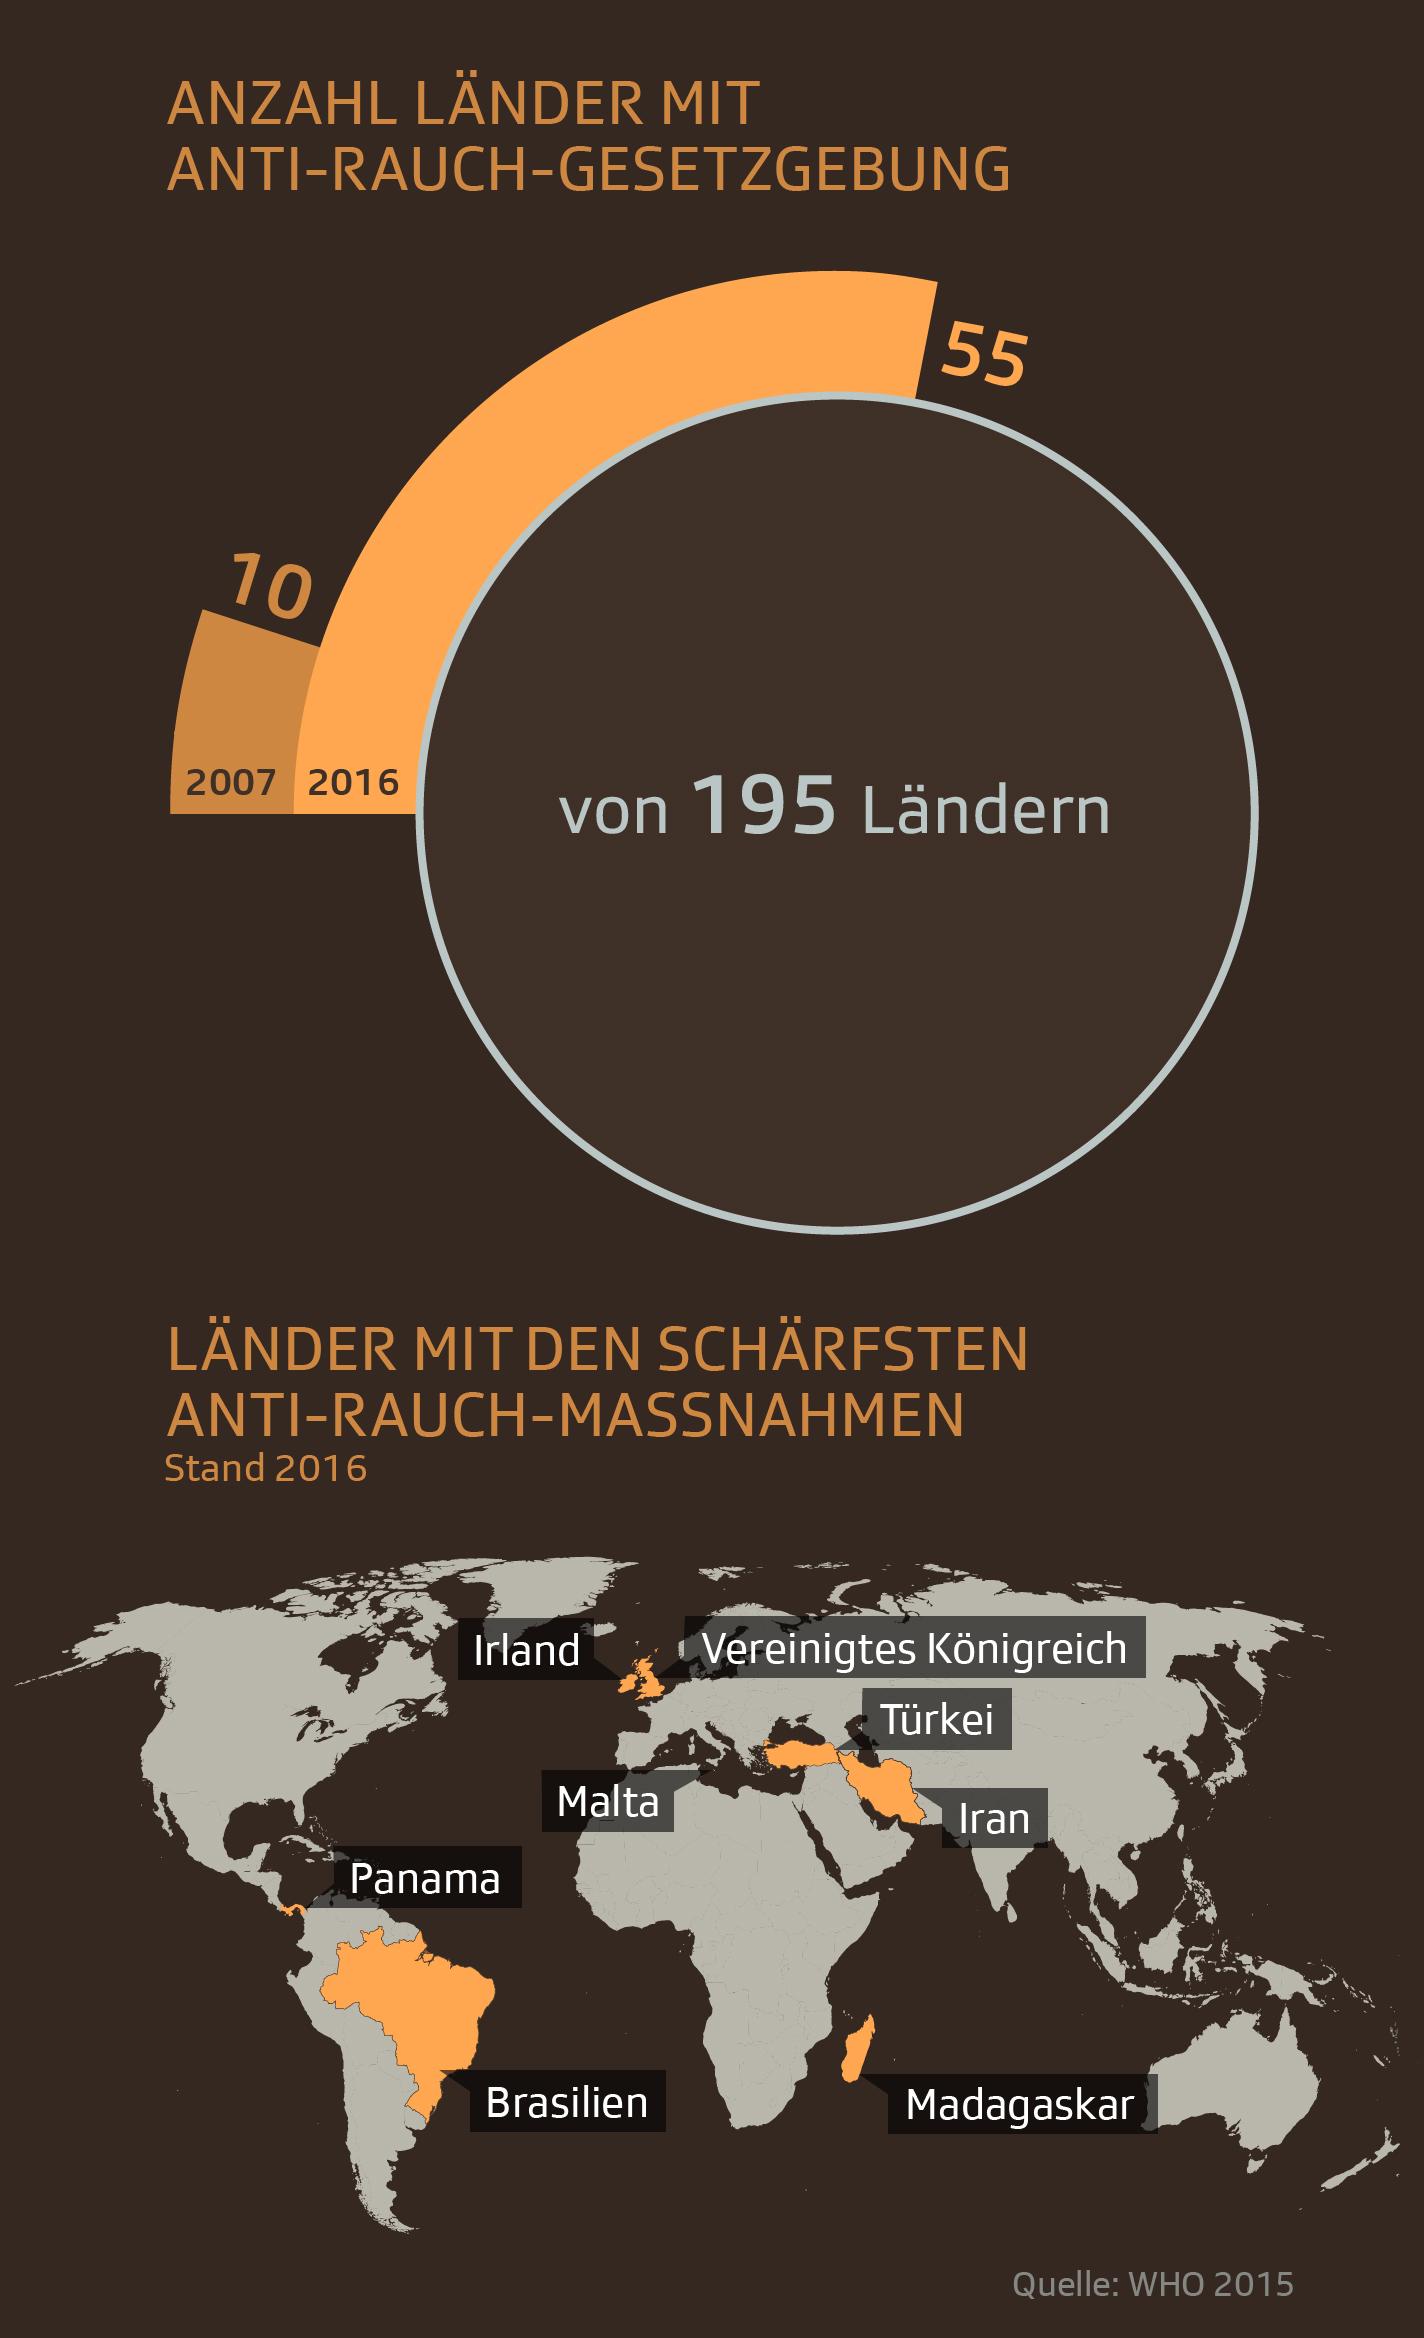 Länder mit strenger Antirauch-Gesetzgebung